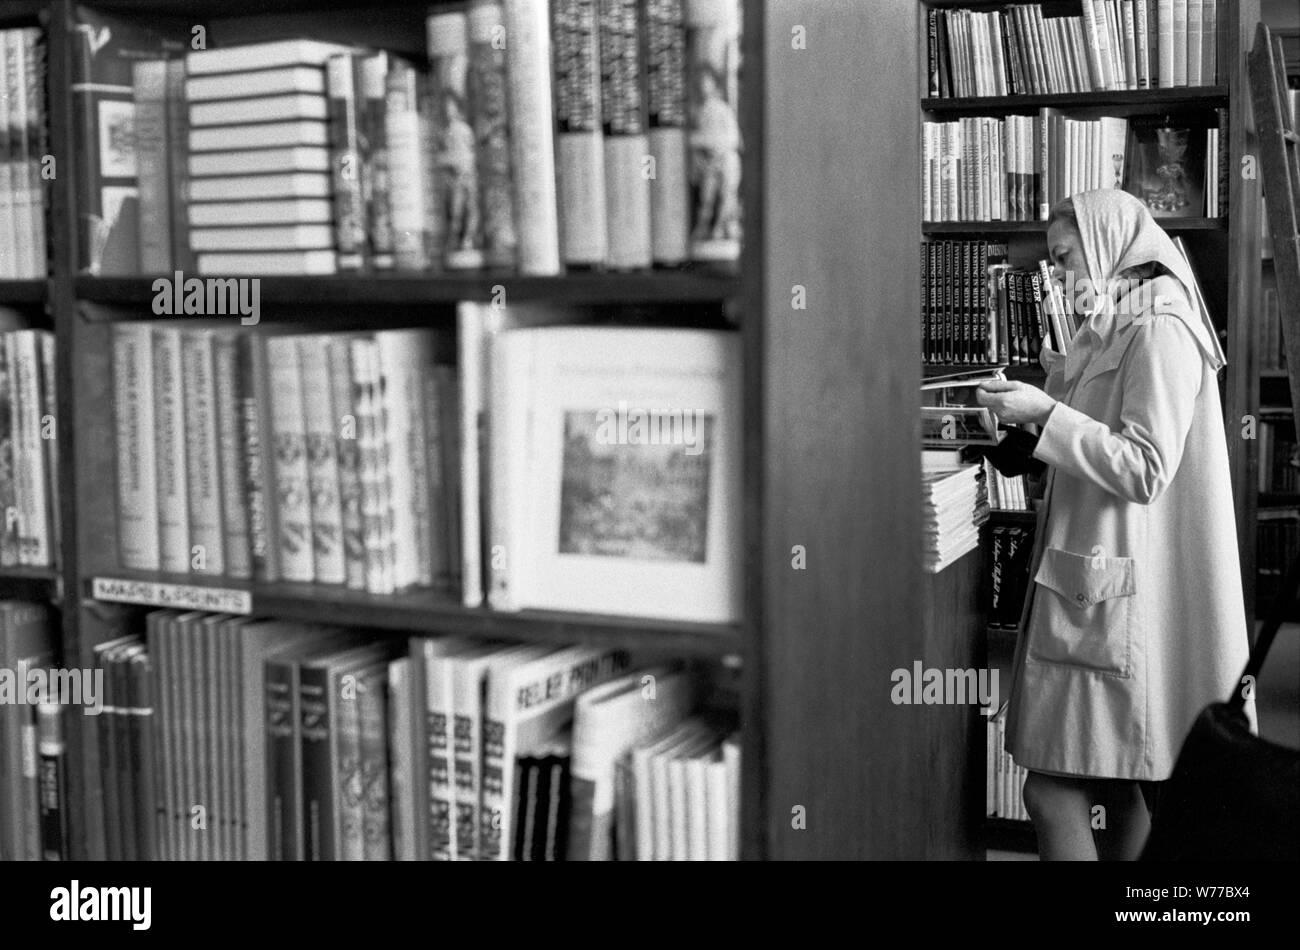 1970 Book Shop mujer tomar una decisión comercial navegación, compra decidir sobre qué libro comprar. 70S UK HOMER SYKES Foto de stock